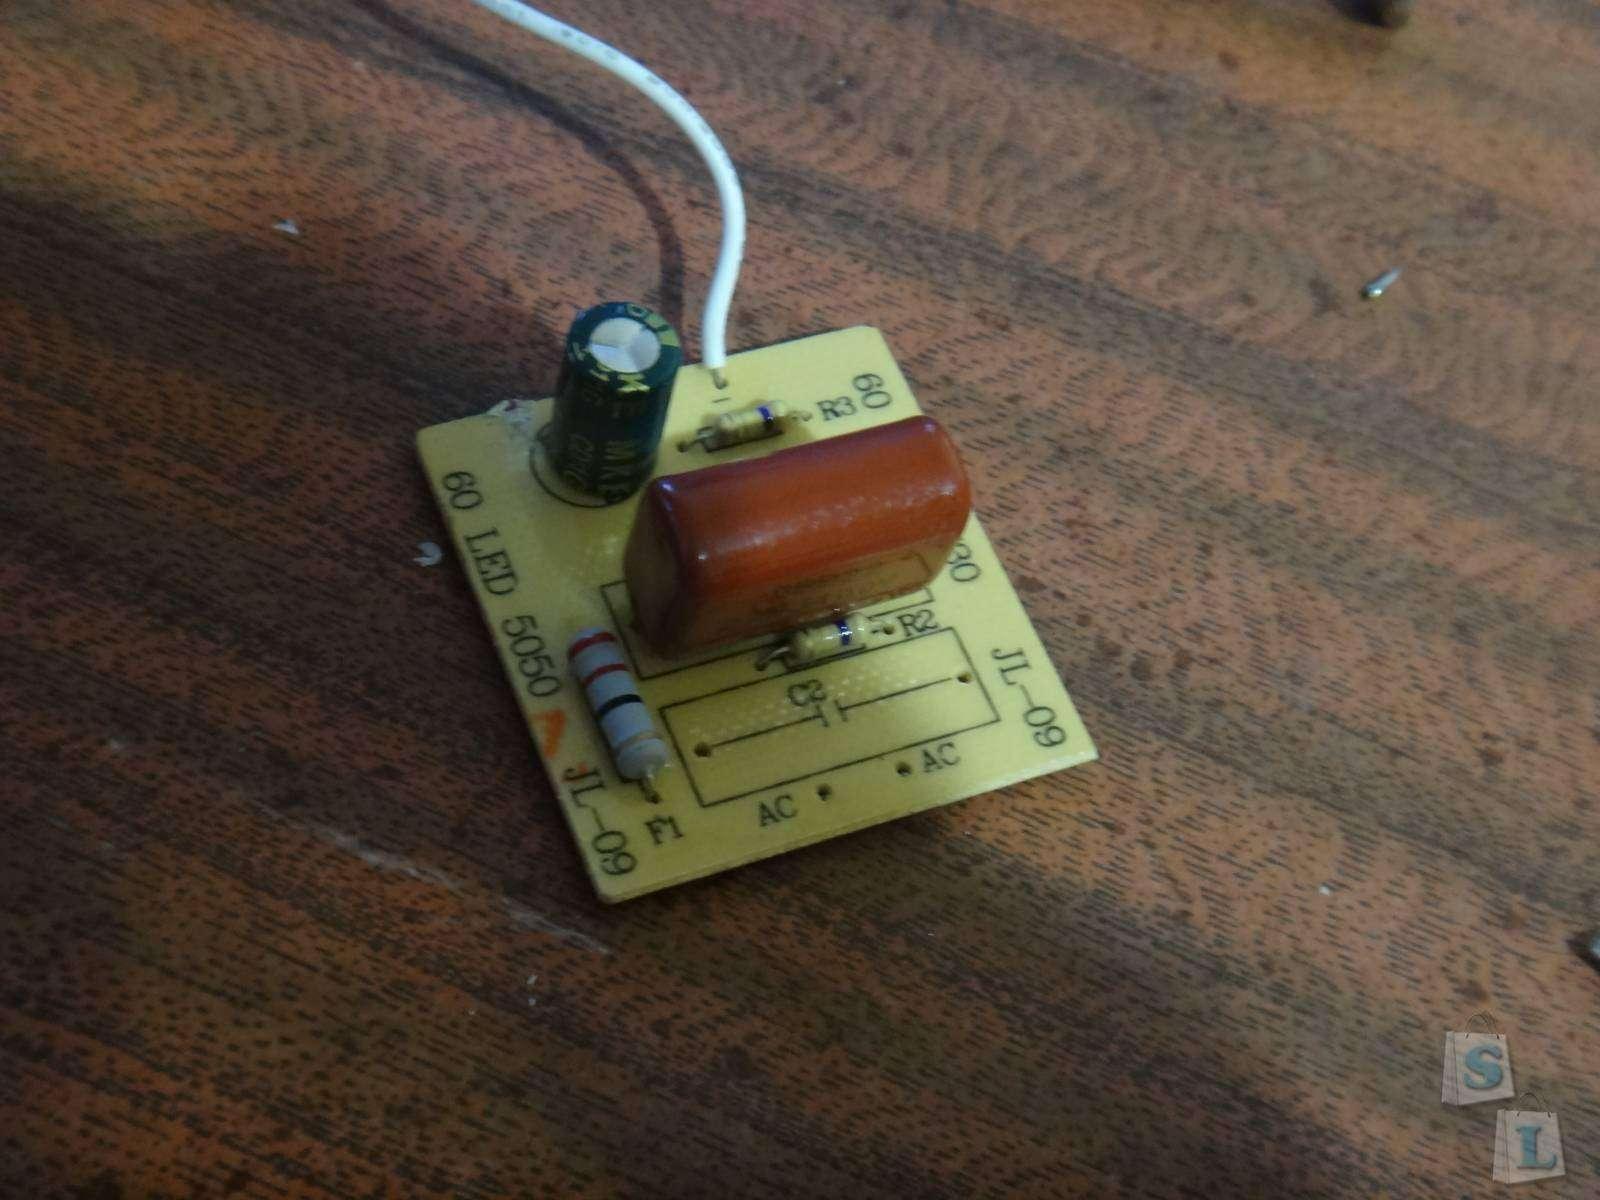 GearBest: Делаем свет LED ламп безопаснее дешево или замена конденсатора в драйвере лампы на более емкий